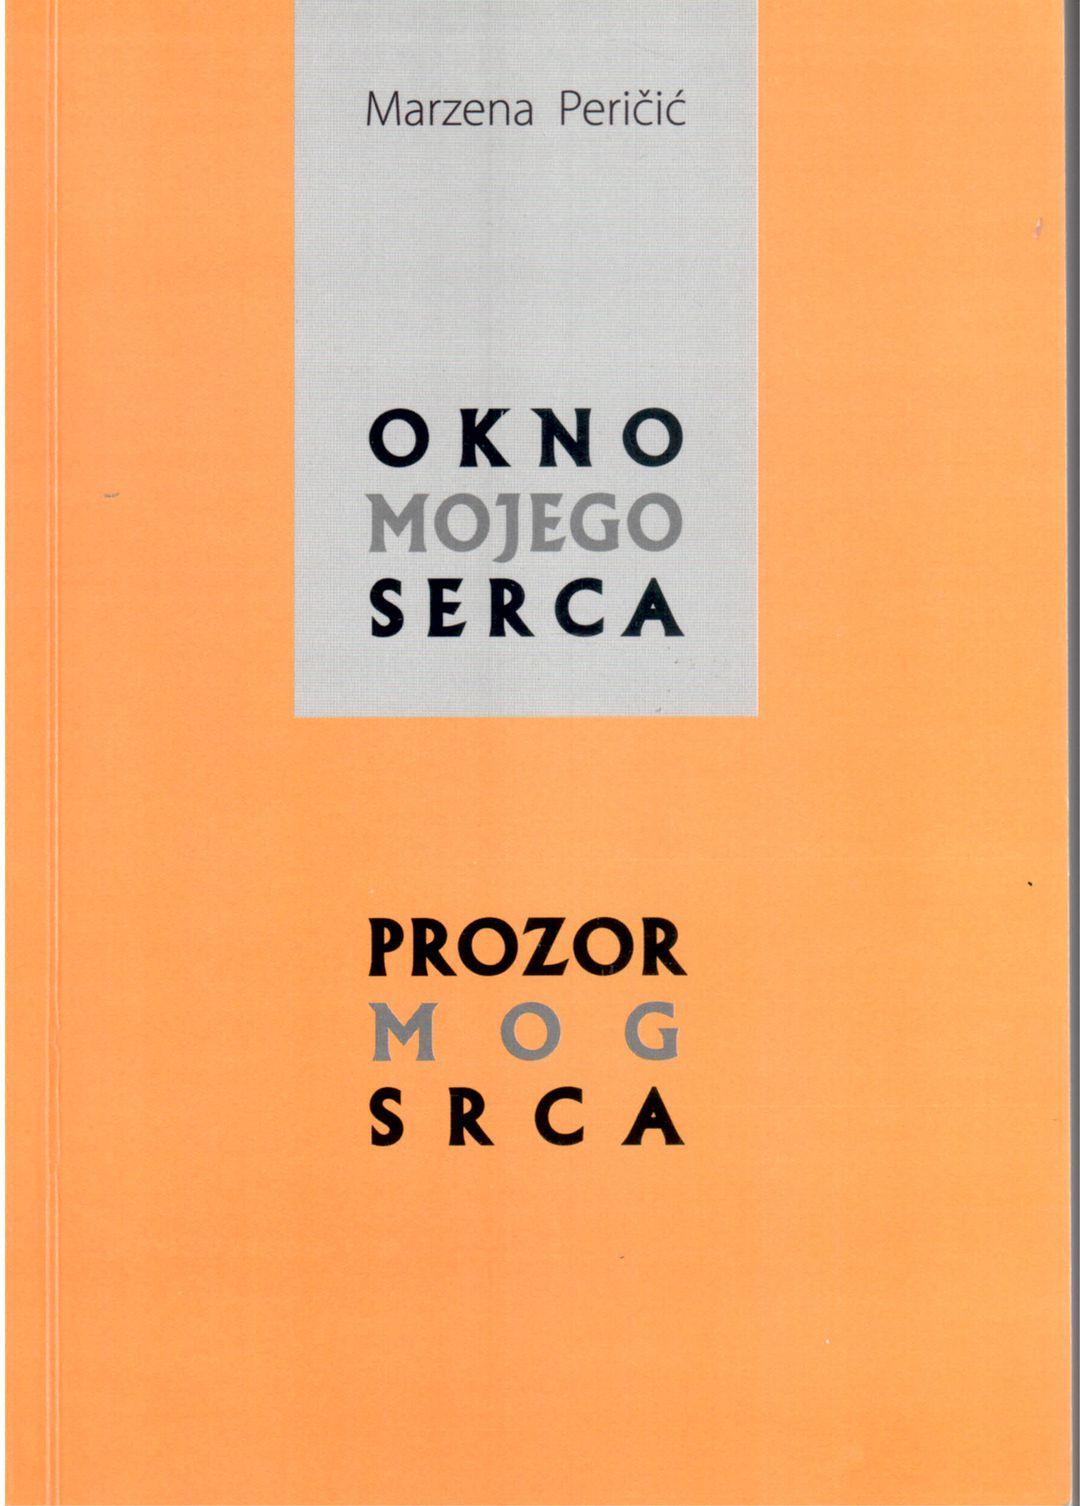 Okno Mojego Serca Marzena Kossowska Peričič Wbibliotecepl